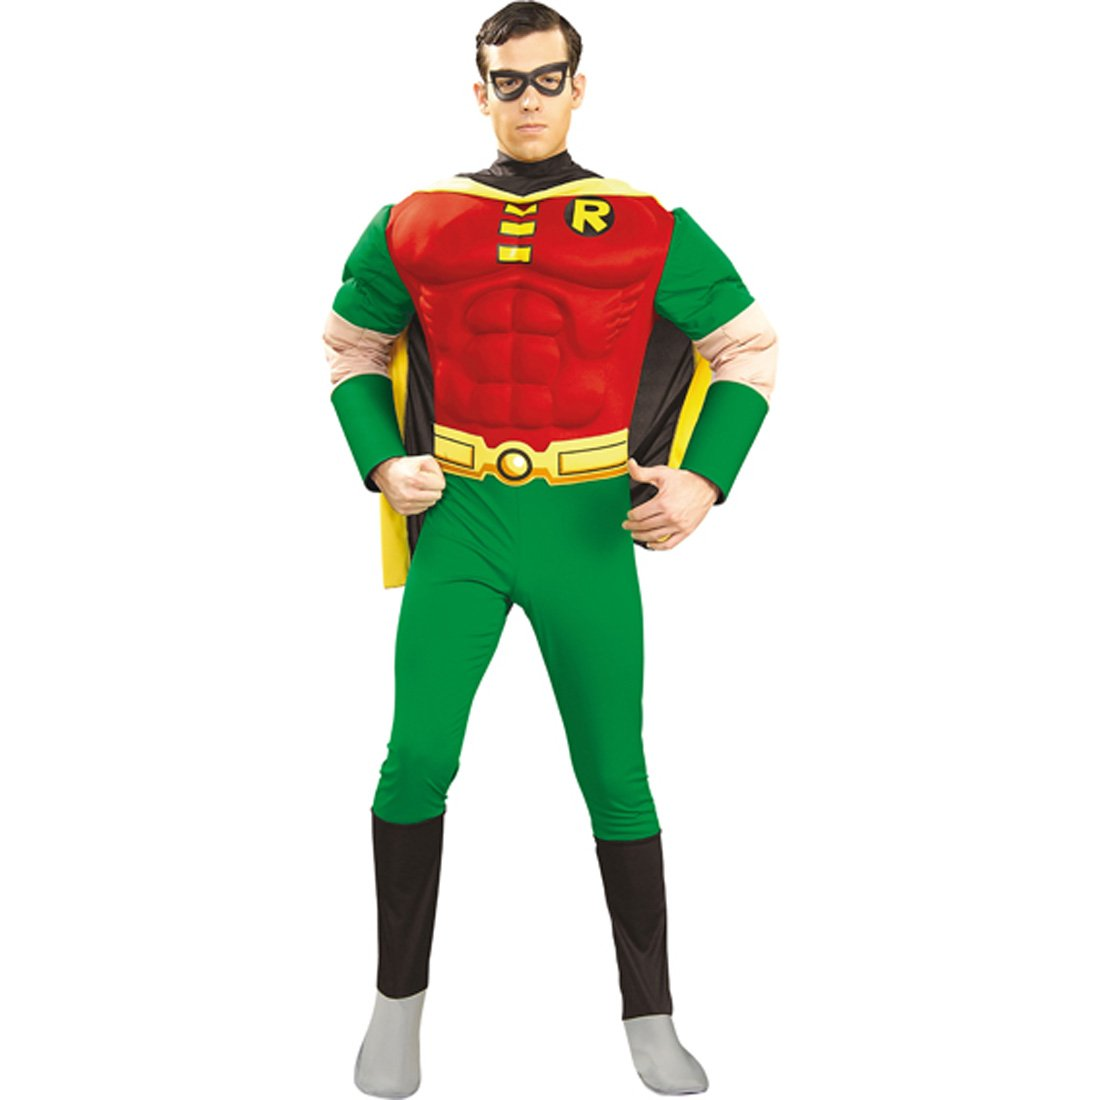 Robin Kostüm L 52/54 Robinkostüm aus der Batman Reihe Superhelden Outfit Verkleidung Herren Männer Karneval